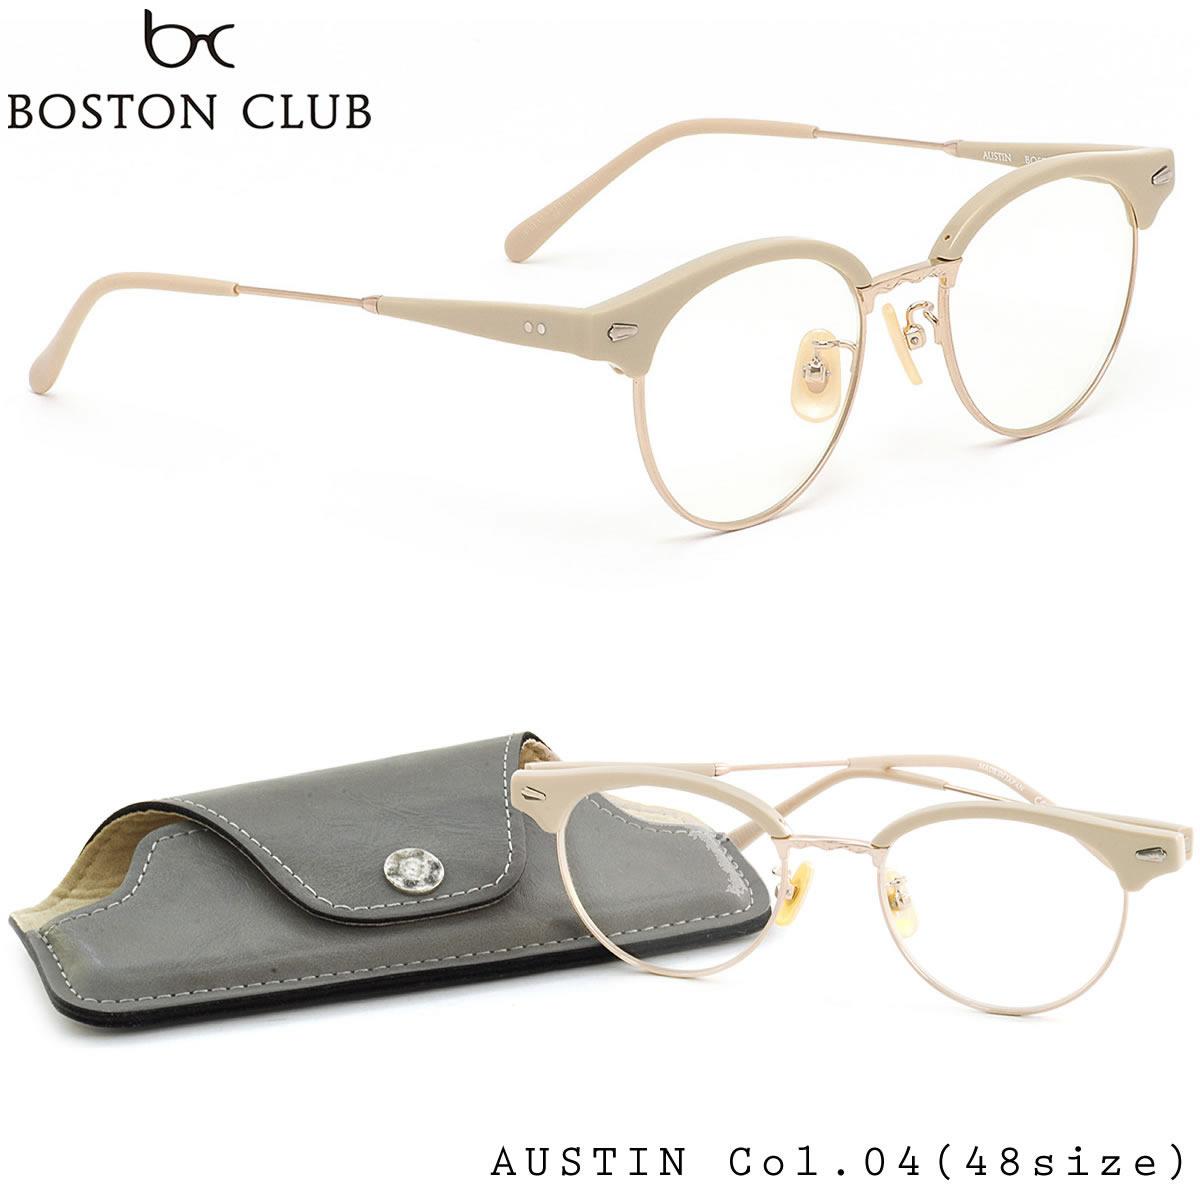 【10月30日からエントリーで全品ポイント20倍】【ボストンクラブ】 (BOSTON CLUB) メガネ 伊達メガネセットAUSTIN 04 48サイズ日本製 BOSTONCLUB メンズ レディース